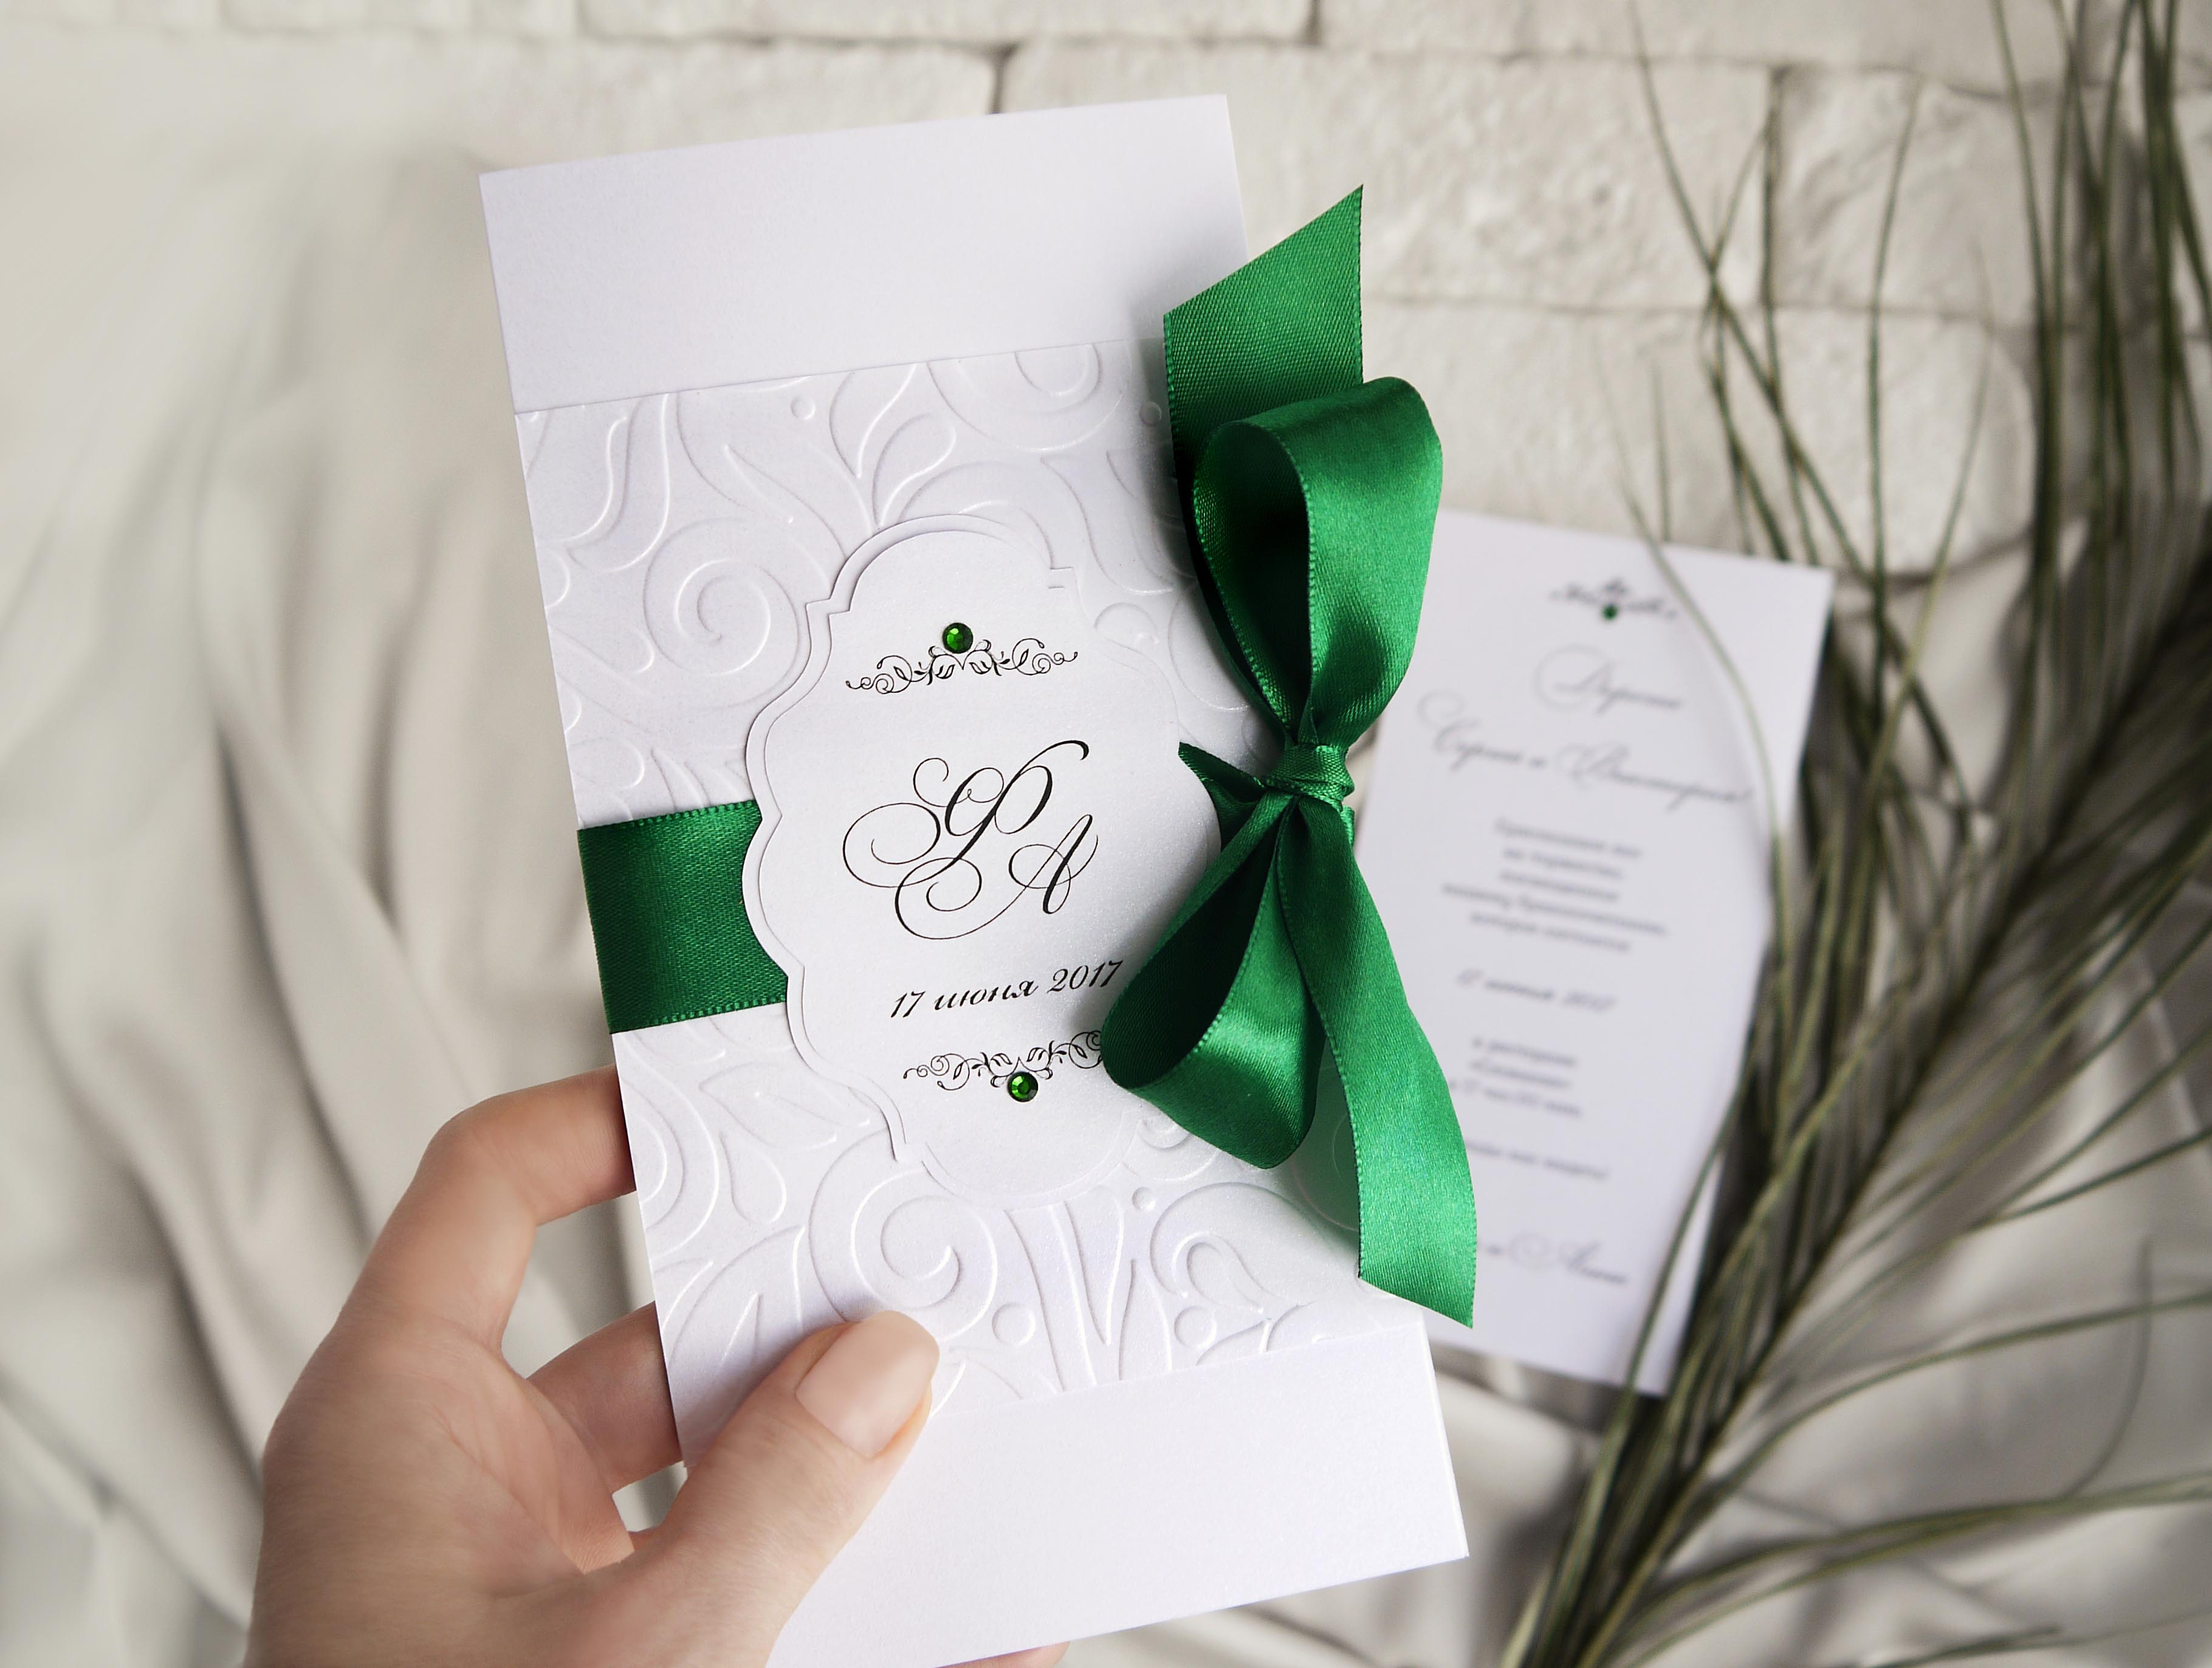 нужно ли дарить открытку на свадьбу частности